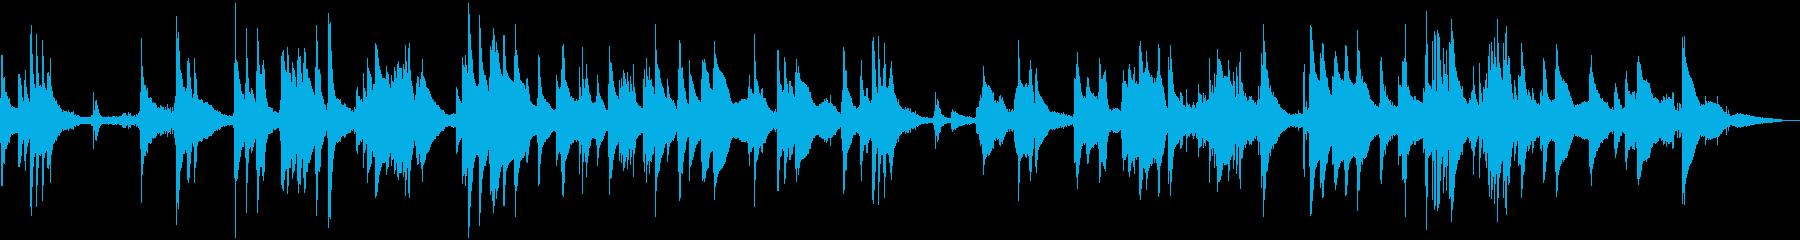 伝統的 ジャズ ビバップ ゆっくり...の再生済みの波形